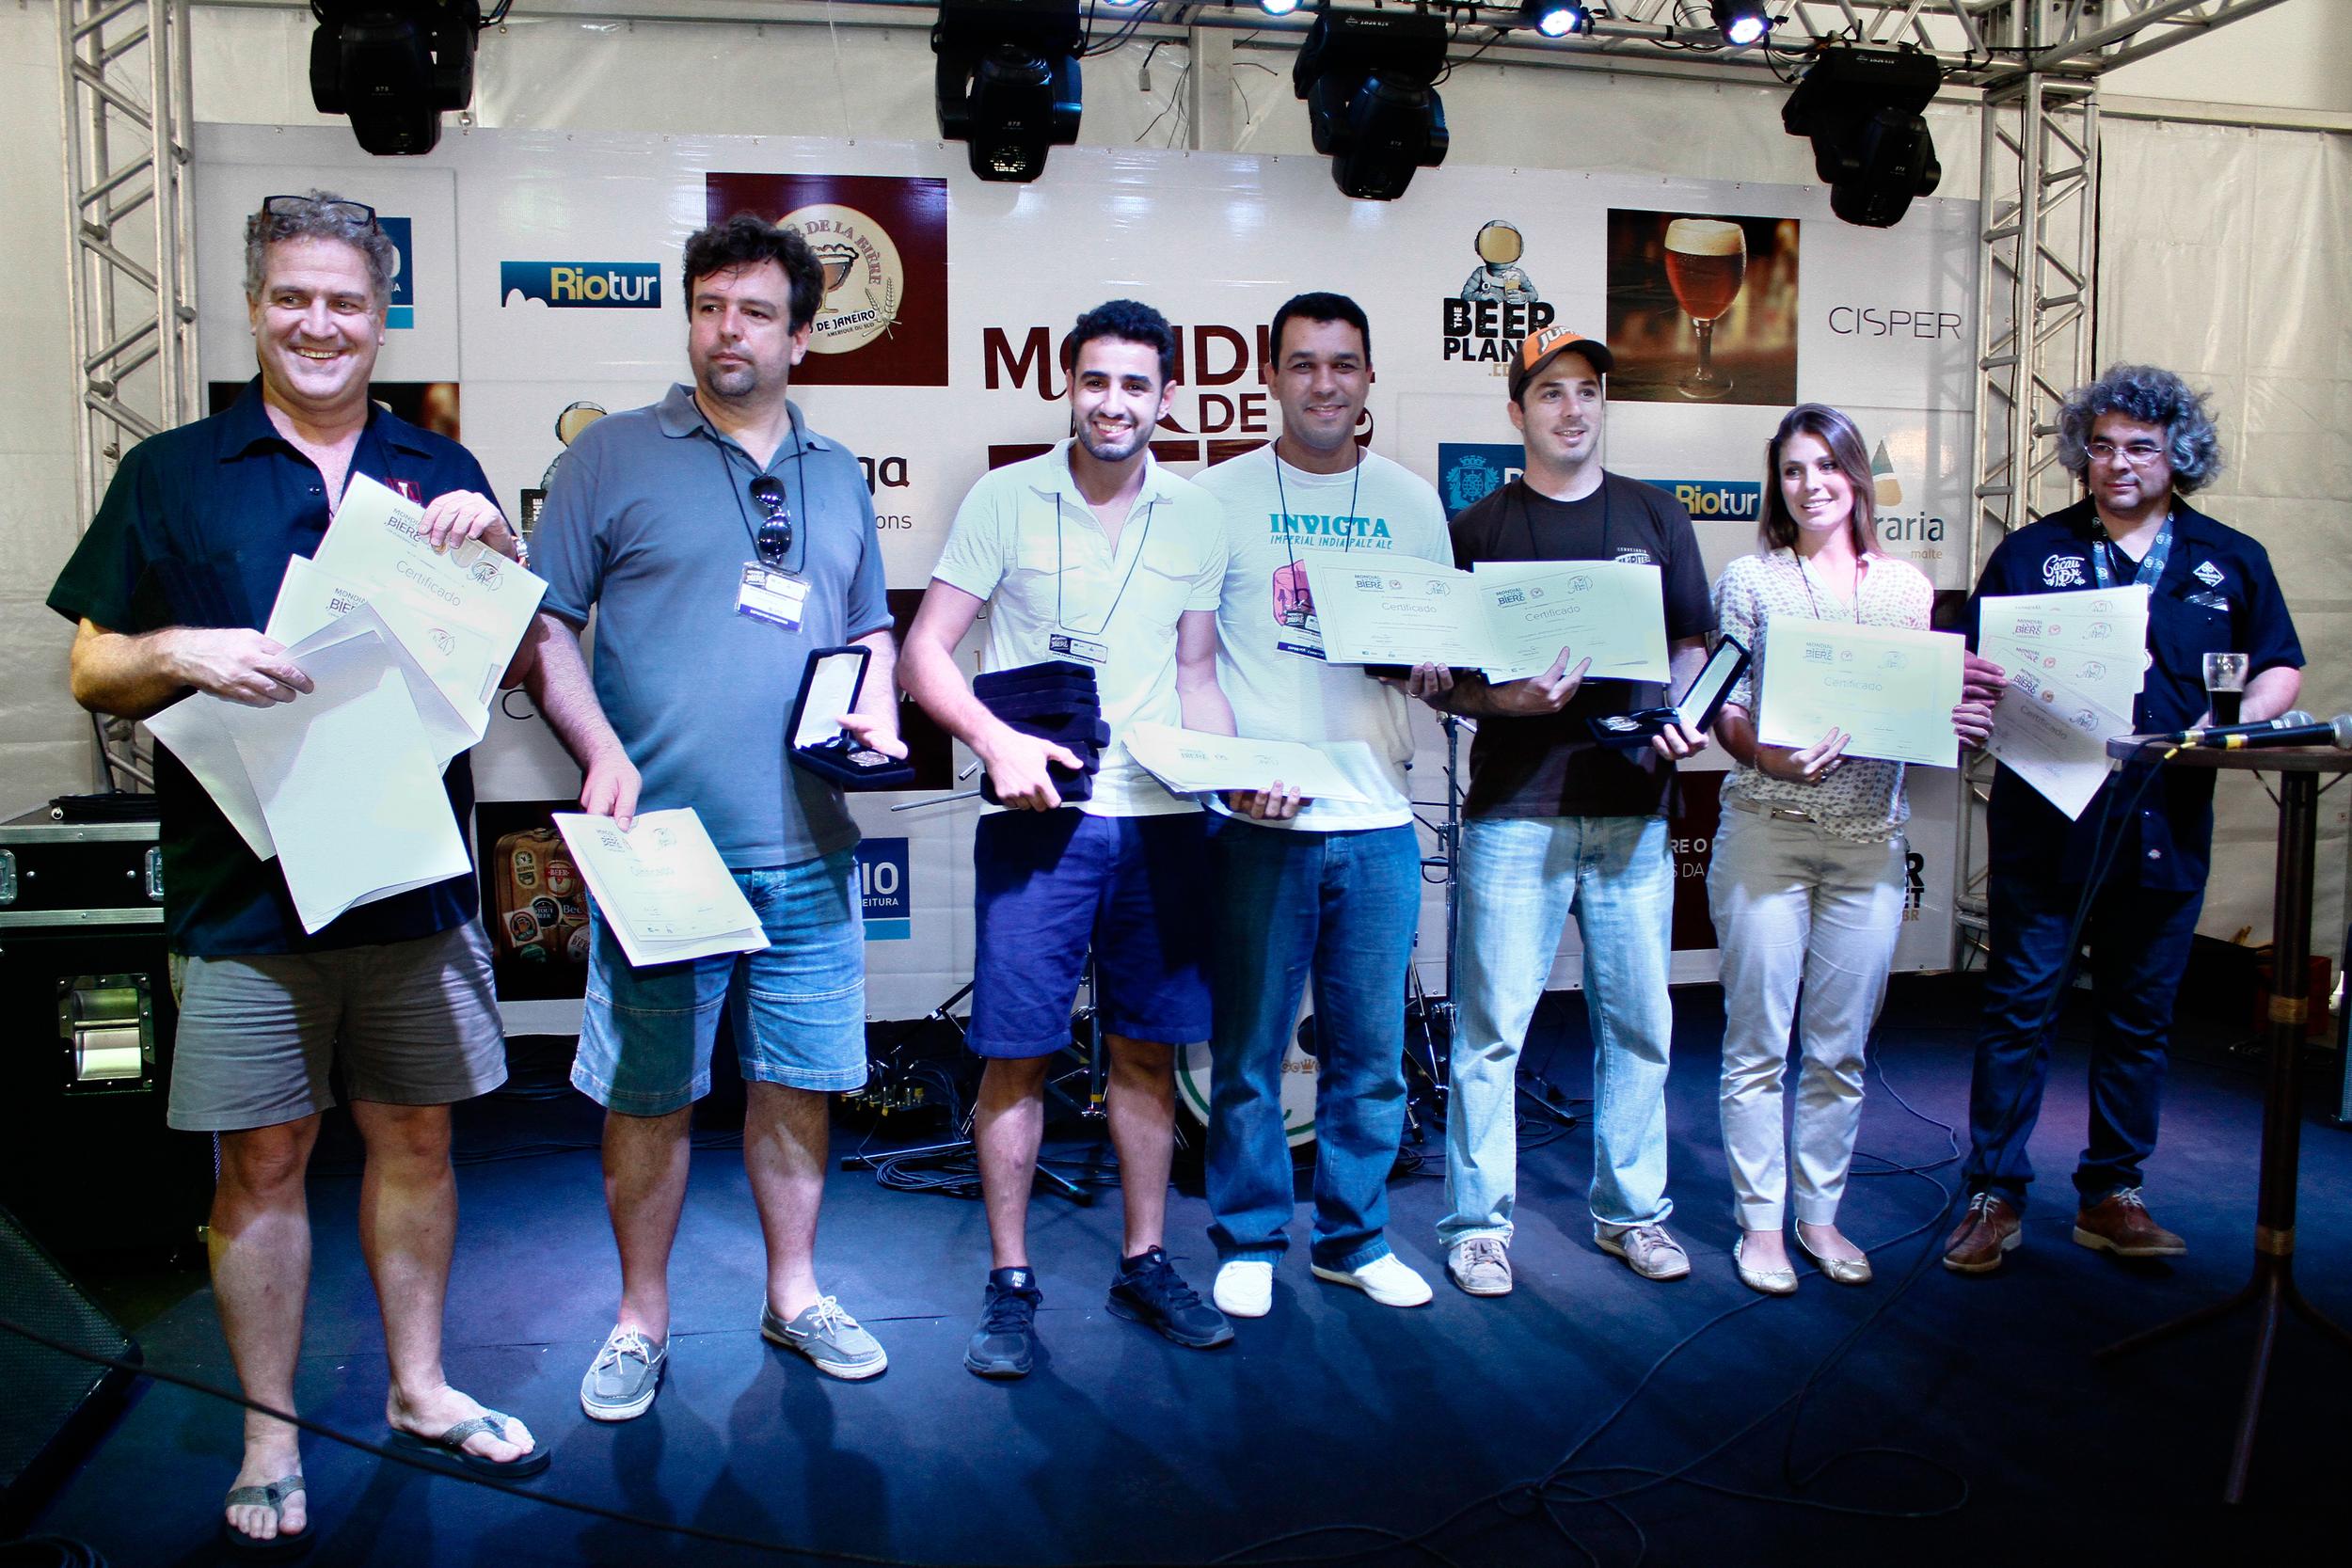 MBeer Constest Brazil consagrou a Wäls (3º a partir da esq.), a  Colorado (1º à esq.)e a Bodebrown (1º à dir.) no Mondial de La Bière. (Foto: Divulgação)